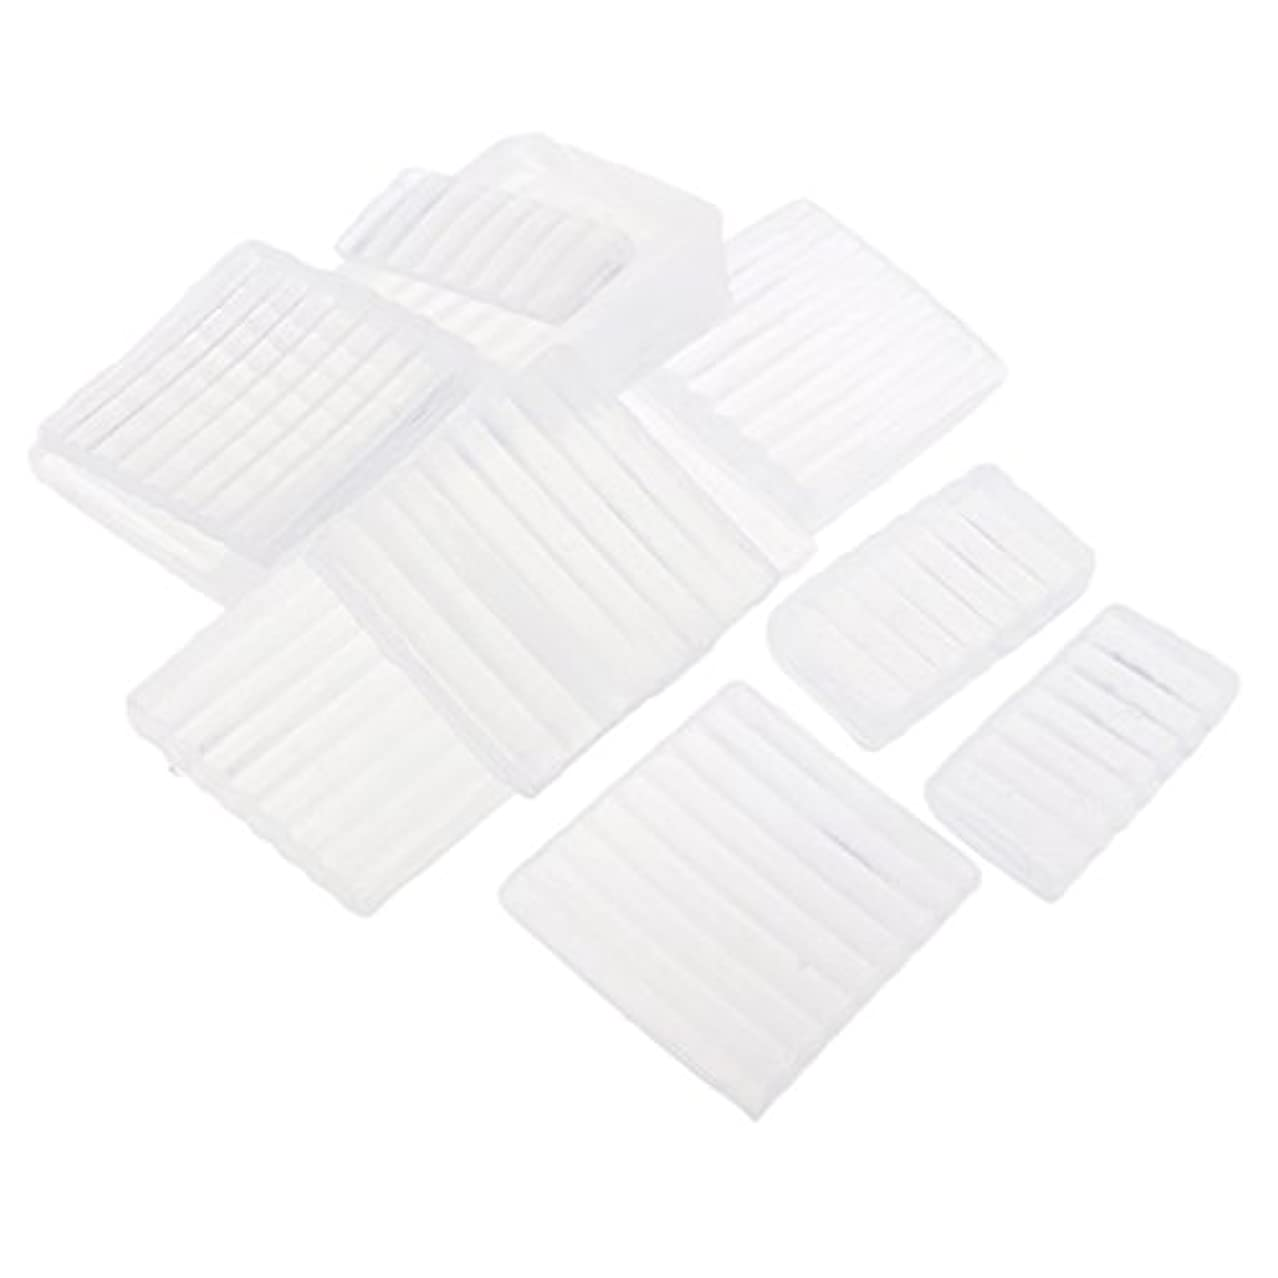 花輪花嫁異常ホワイト 透明 石鹸ベース DIY 手作り 石鹸 材料 約500g